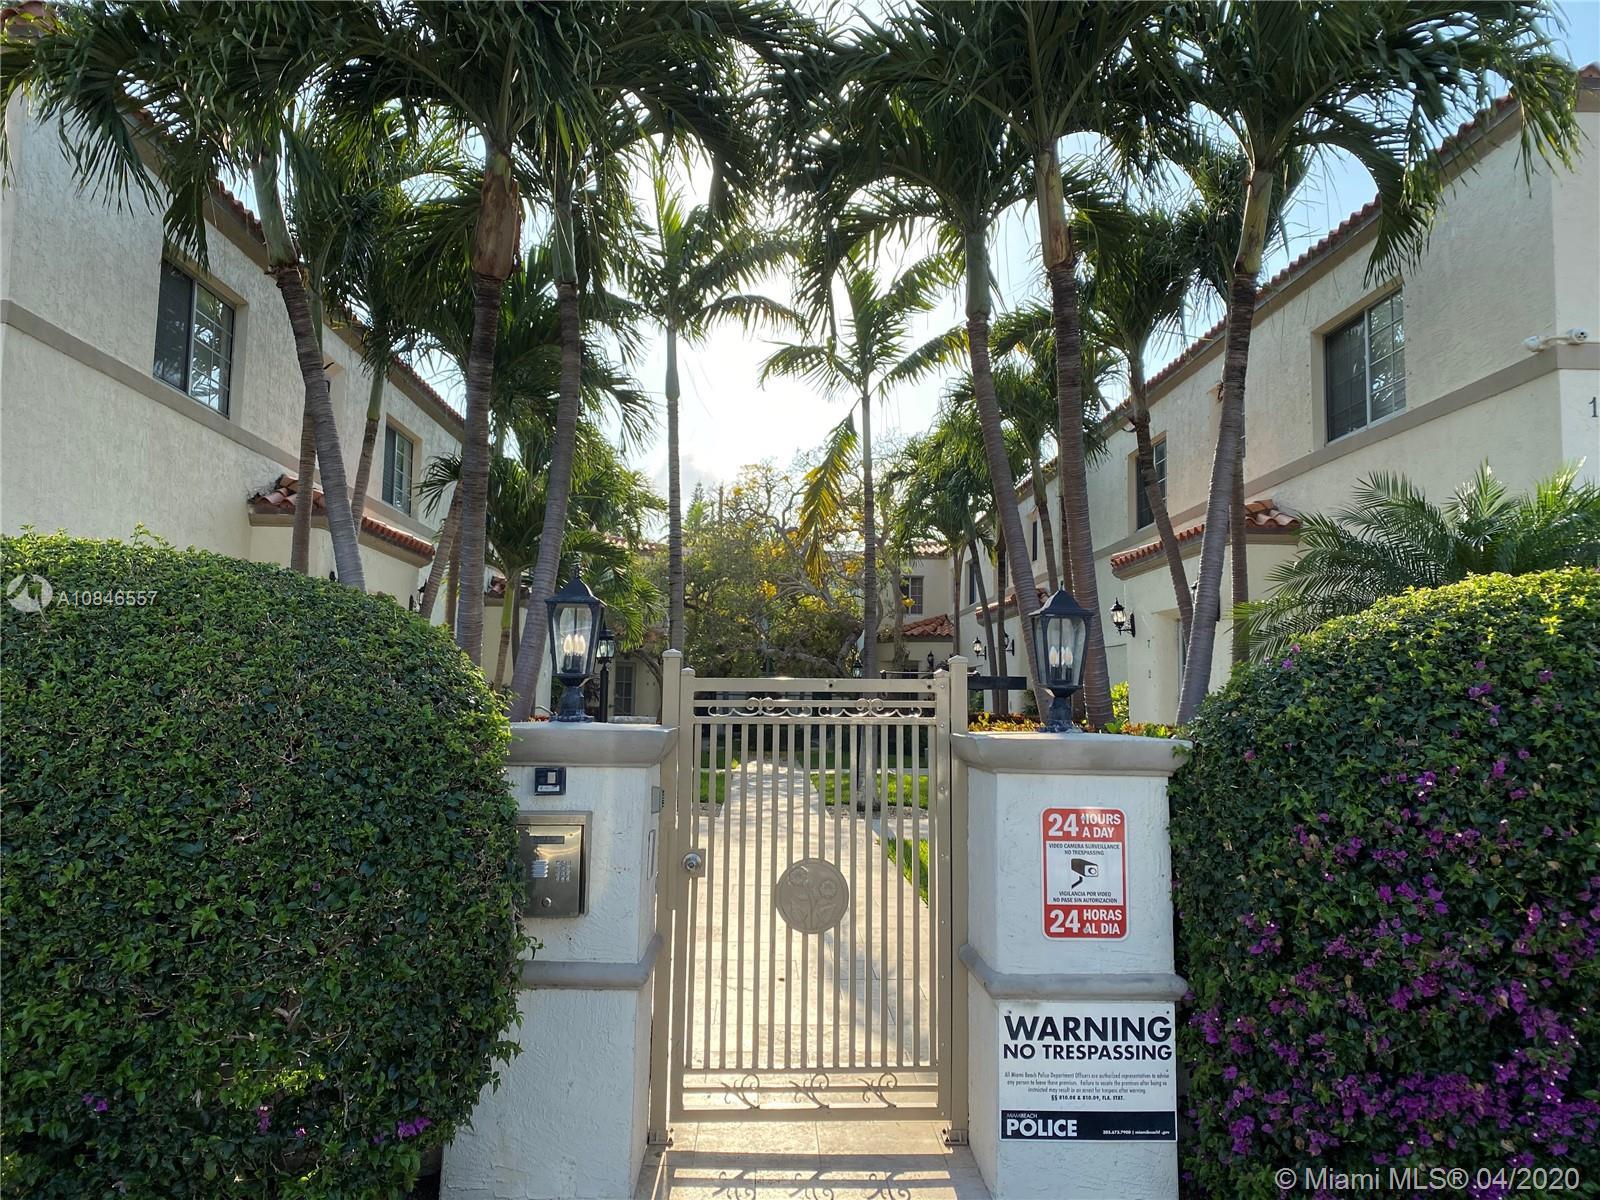 1500 Pennsylvania Ave # 5A, Miami Beach, Florida 33139, 1 Bedroom Bedrooms, ,1 BathroomBathrooms,Residential,For Sale,1500 Pennsylvania Ave # 5A,A10846557